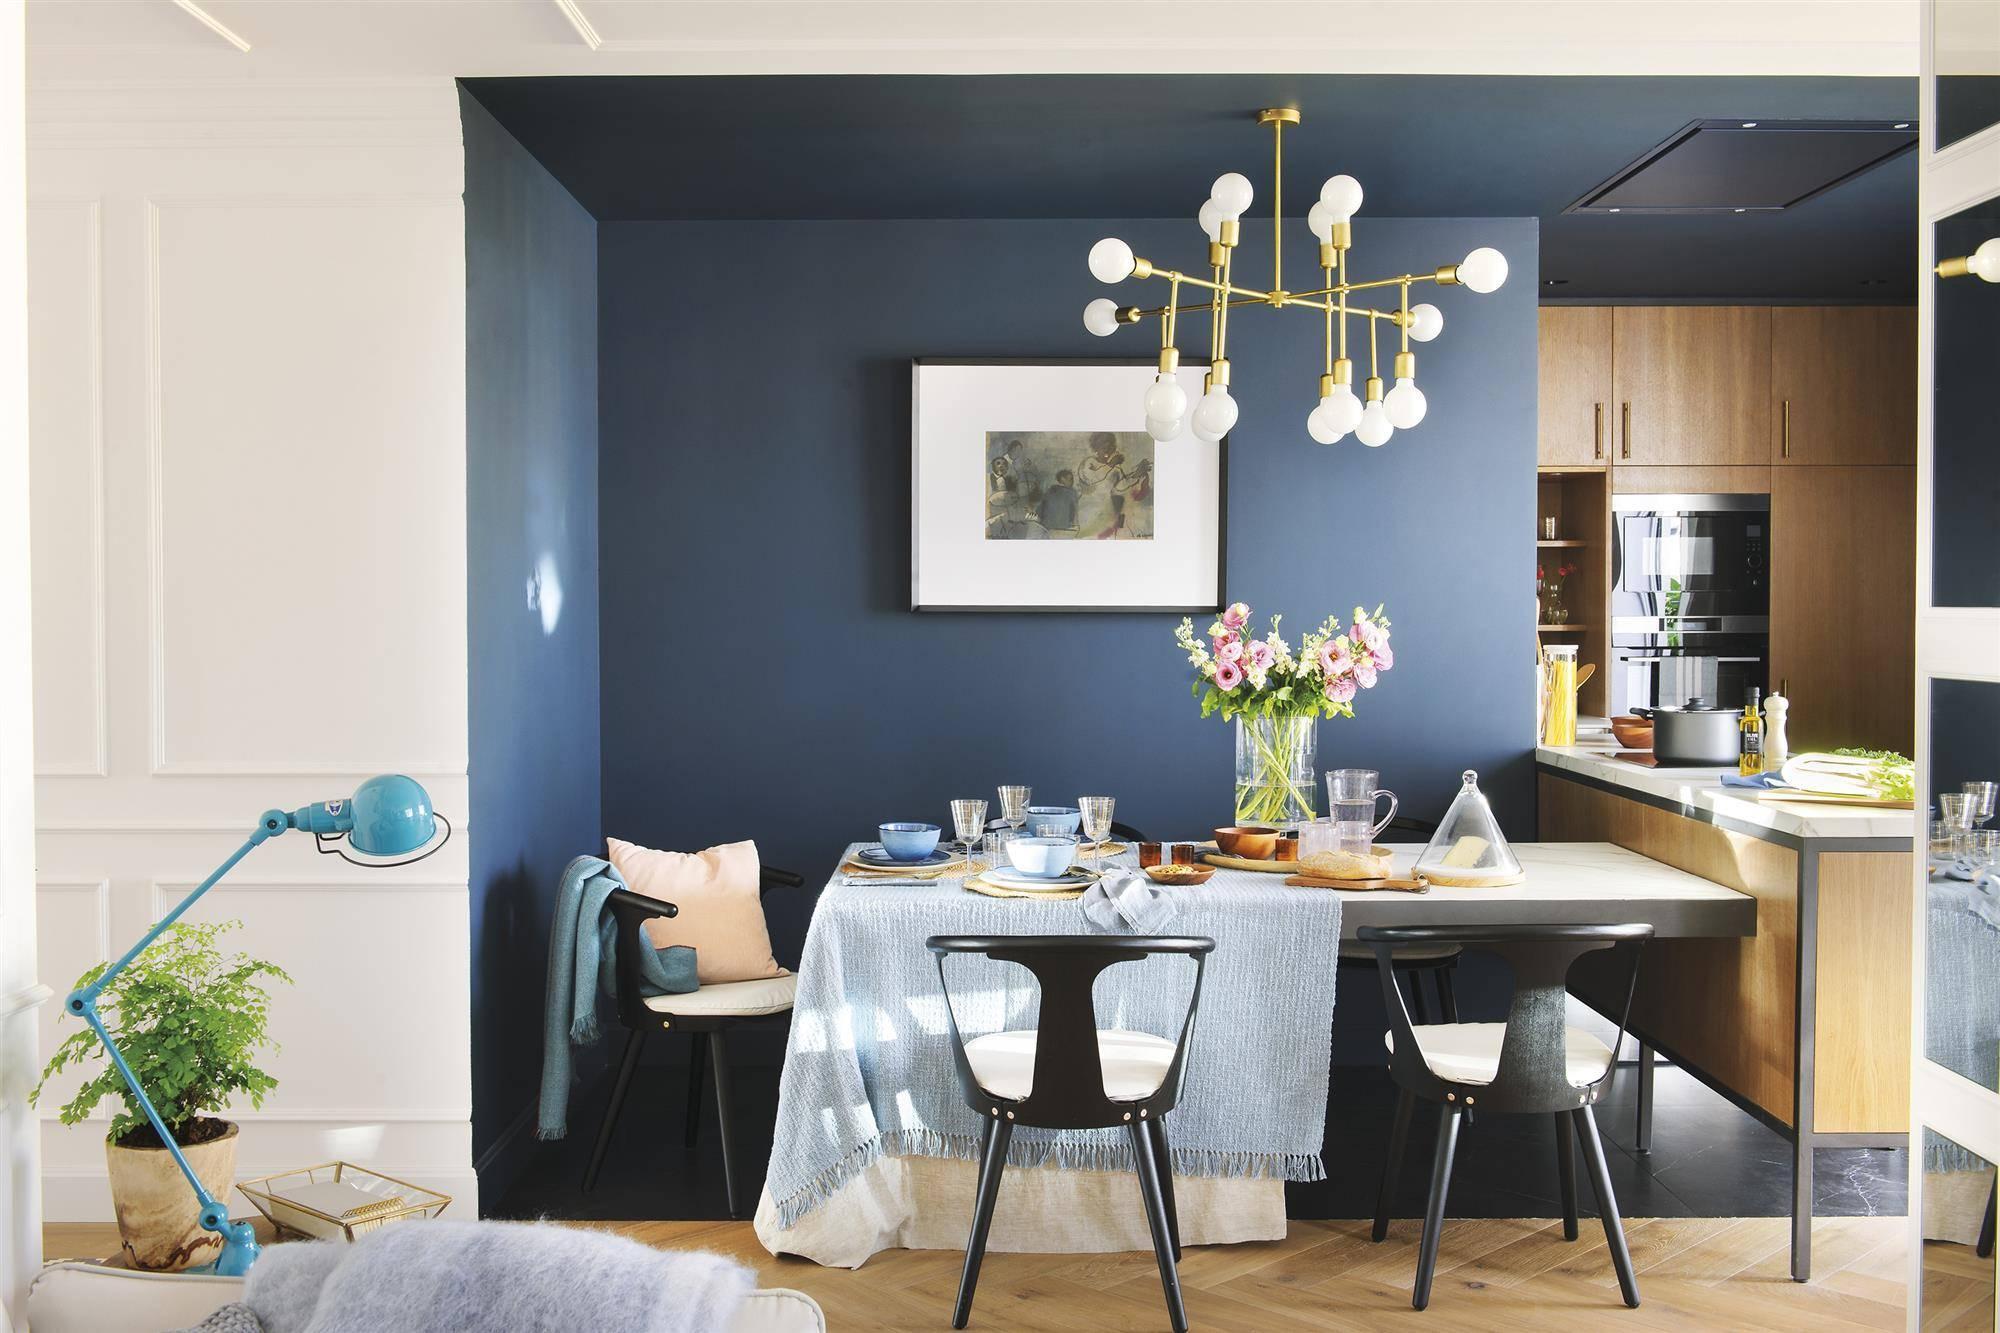 5 colores que combinan bien con azul